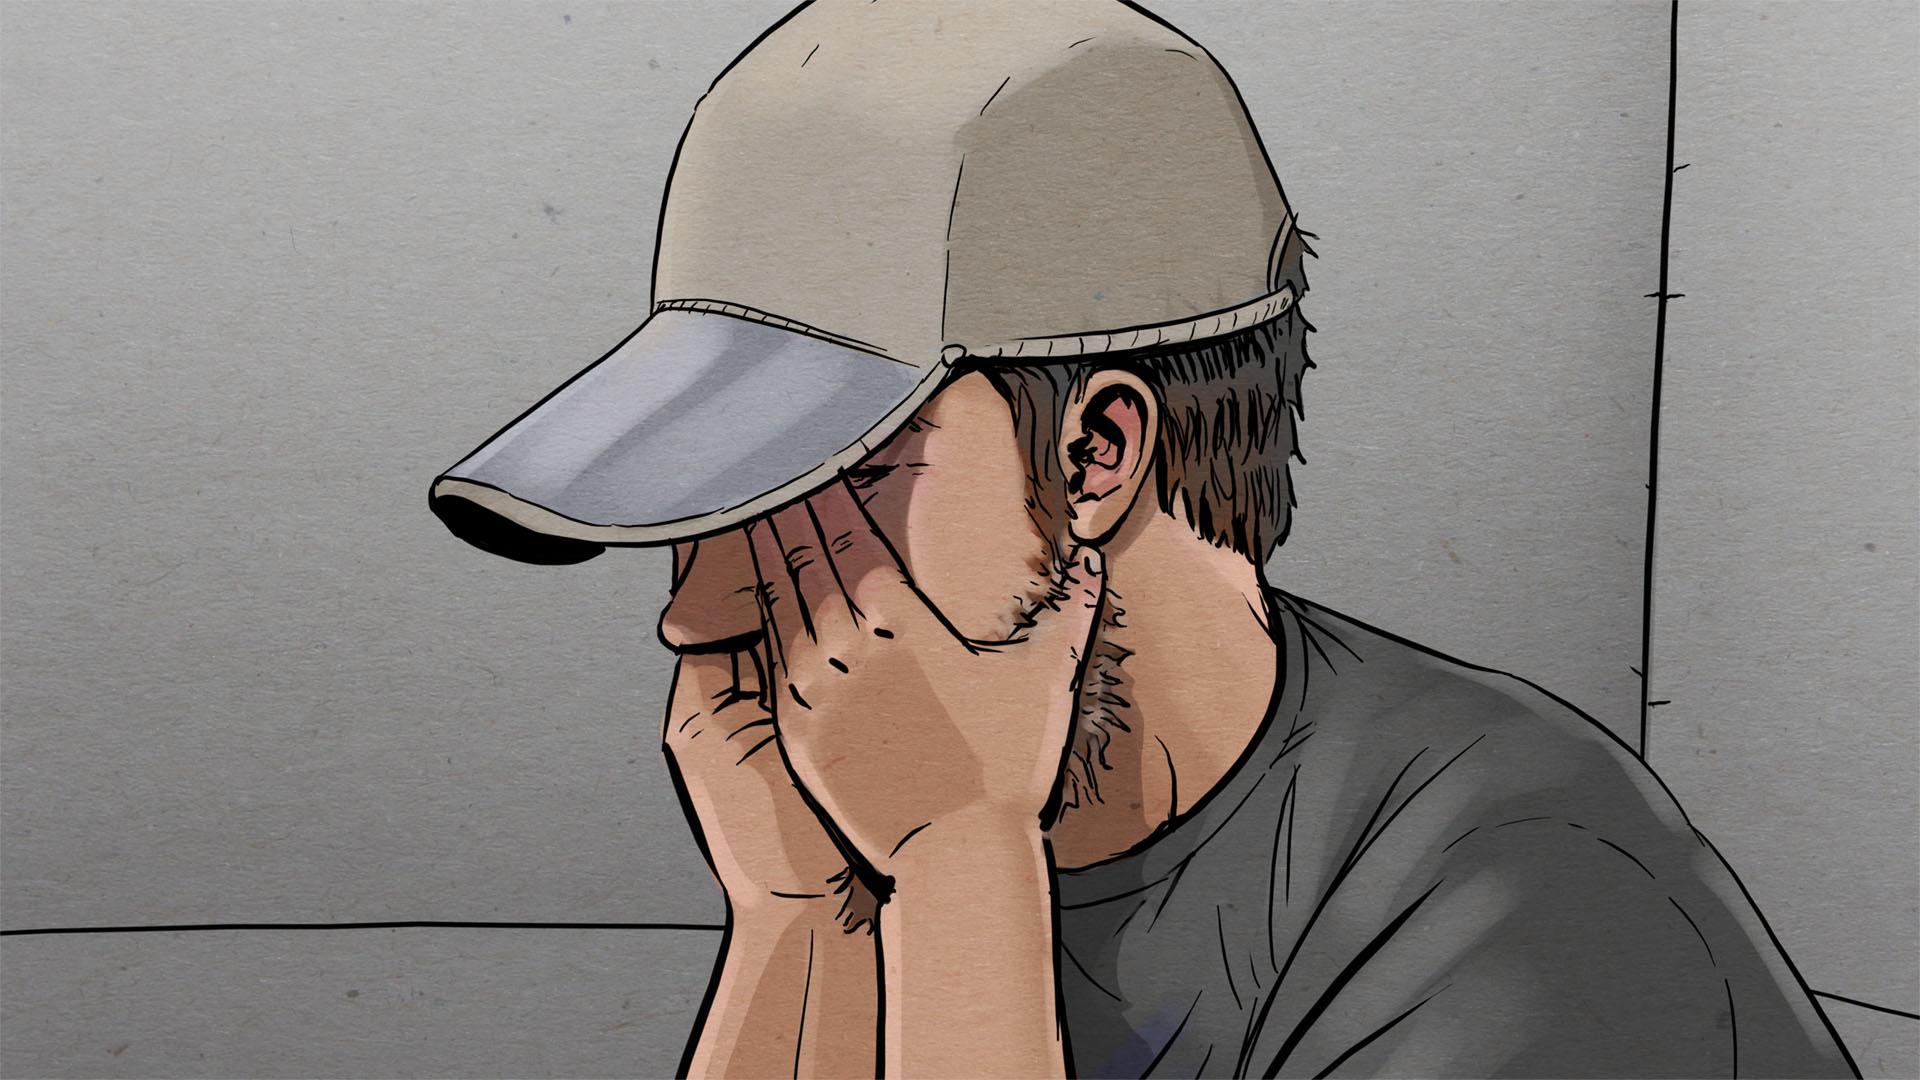 Illustration: Nahaufnahme des Angeklagten, dieser trägt eine Schirmmütze und schlägt die Hände vorm Gesicht zusammen